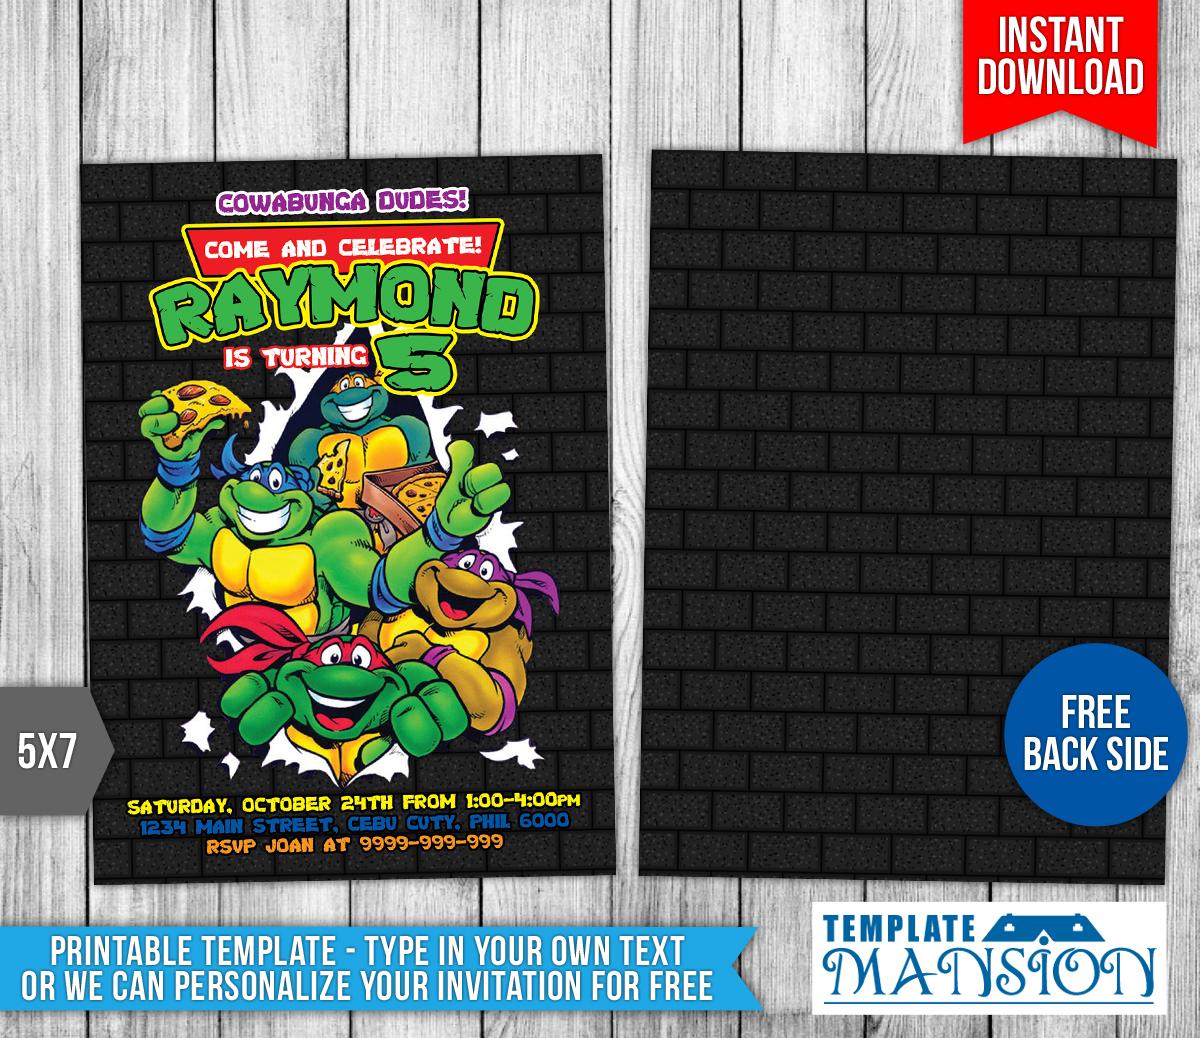 Teenage mutant ninja turtles birthday invitation t by teenage mutant ninja turtles birthday invitation t by templatemansion filmwisefo